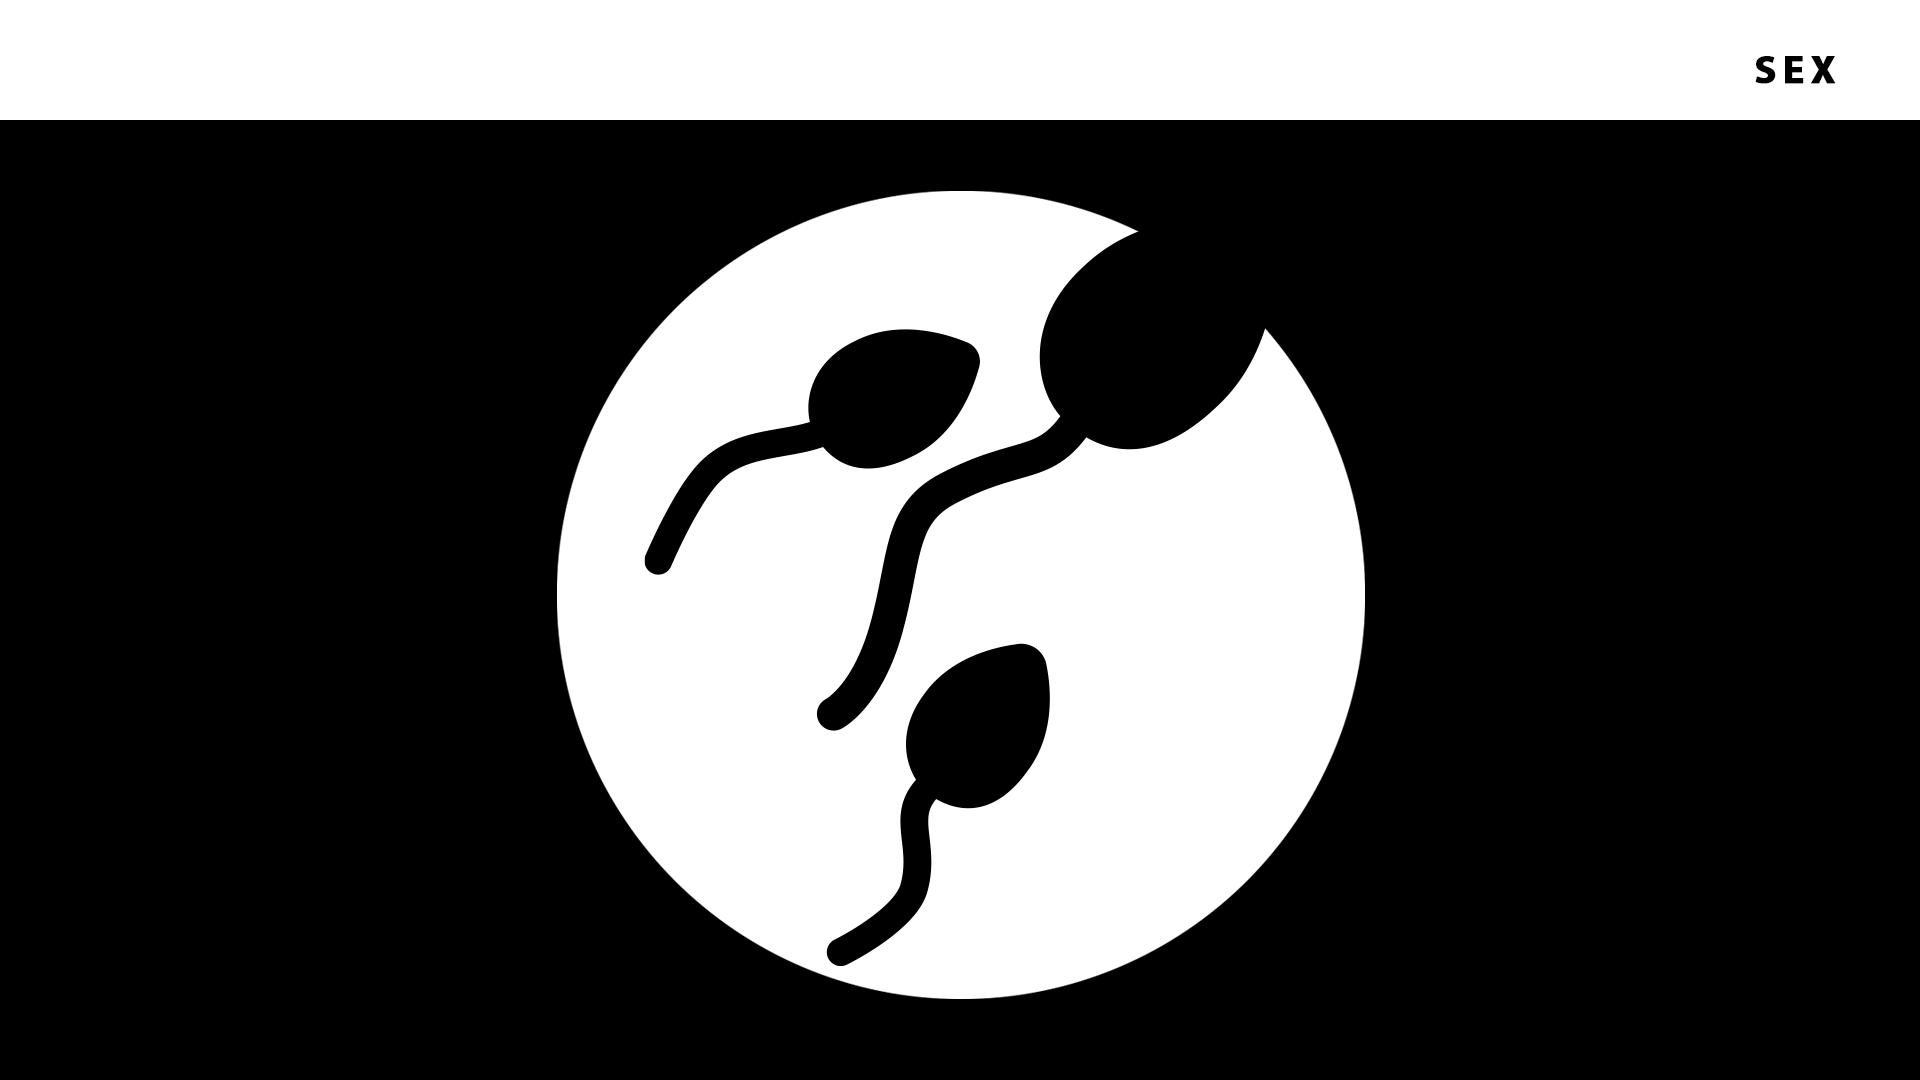 Piktogram varující před sexem